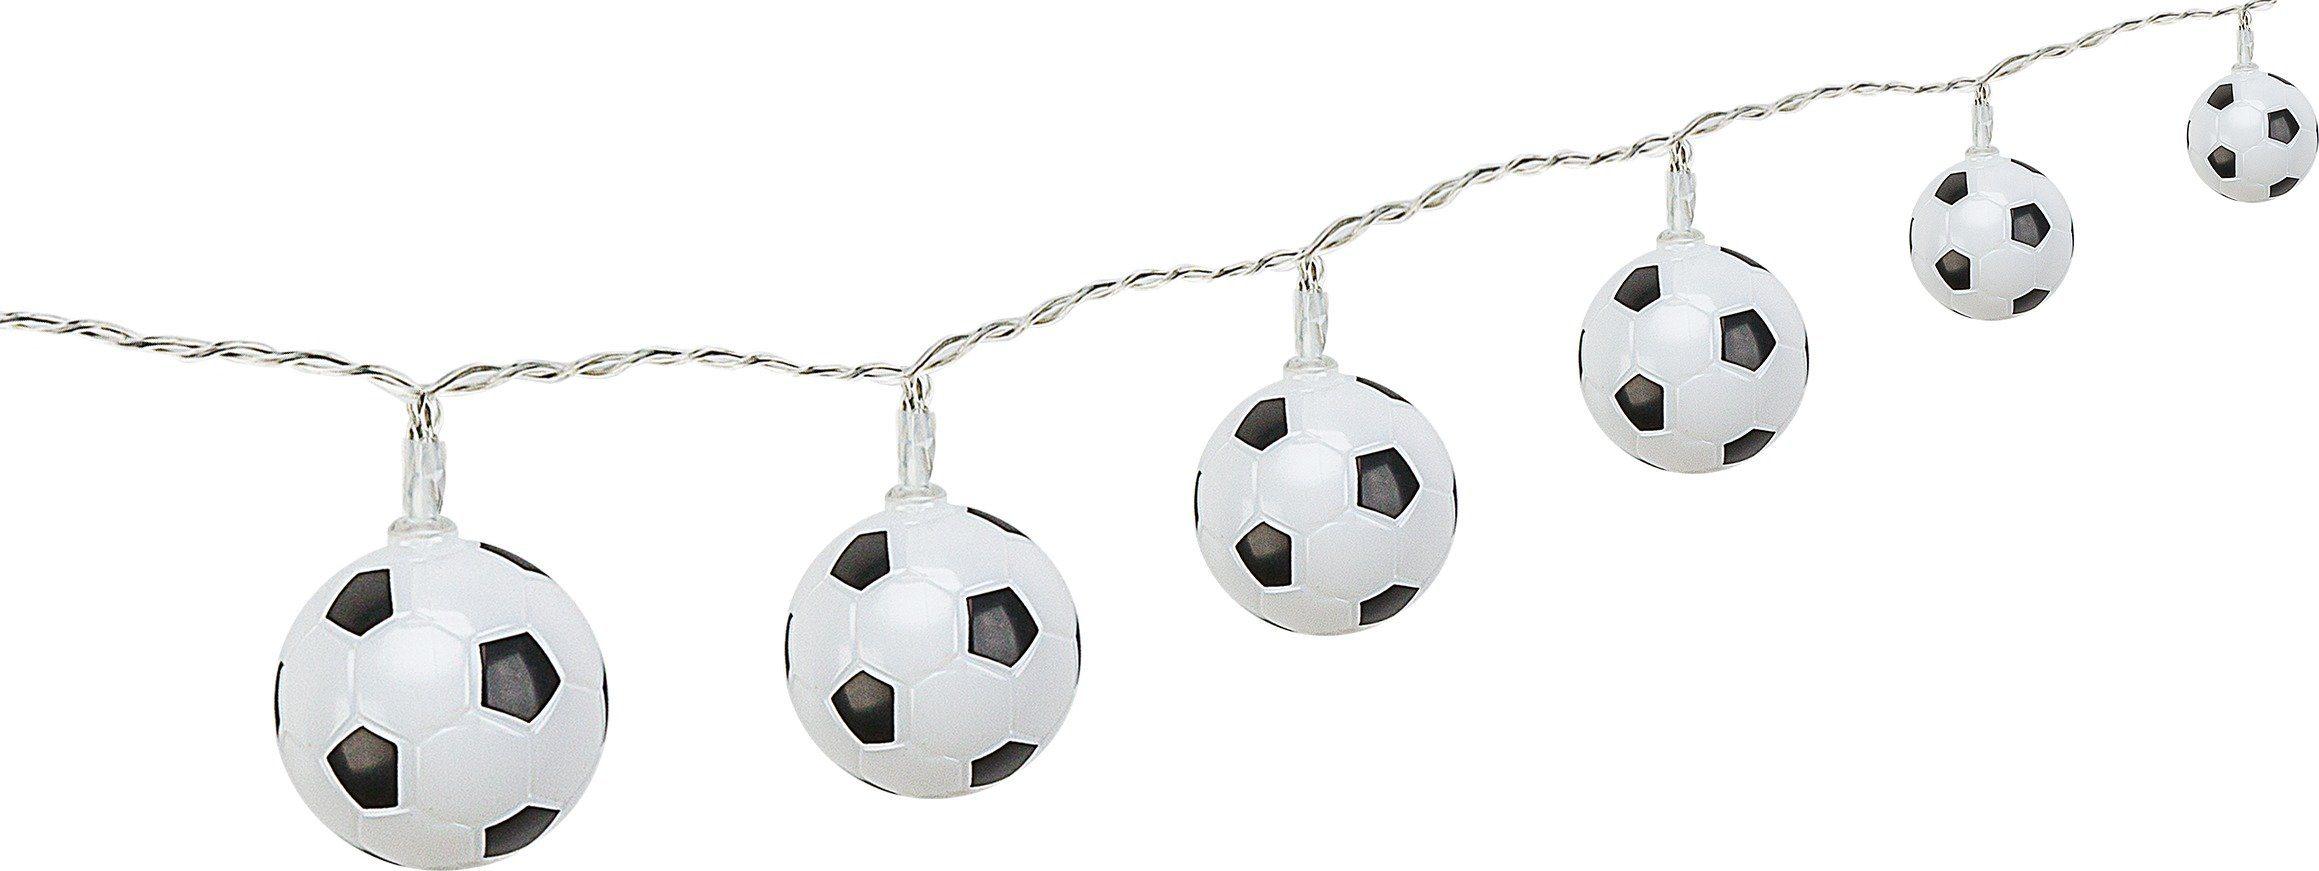 Goobay LED Lichterkette Fußball, inkl. Netzstecker günstig online kaufen